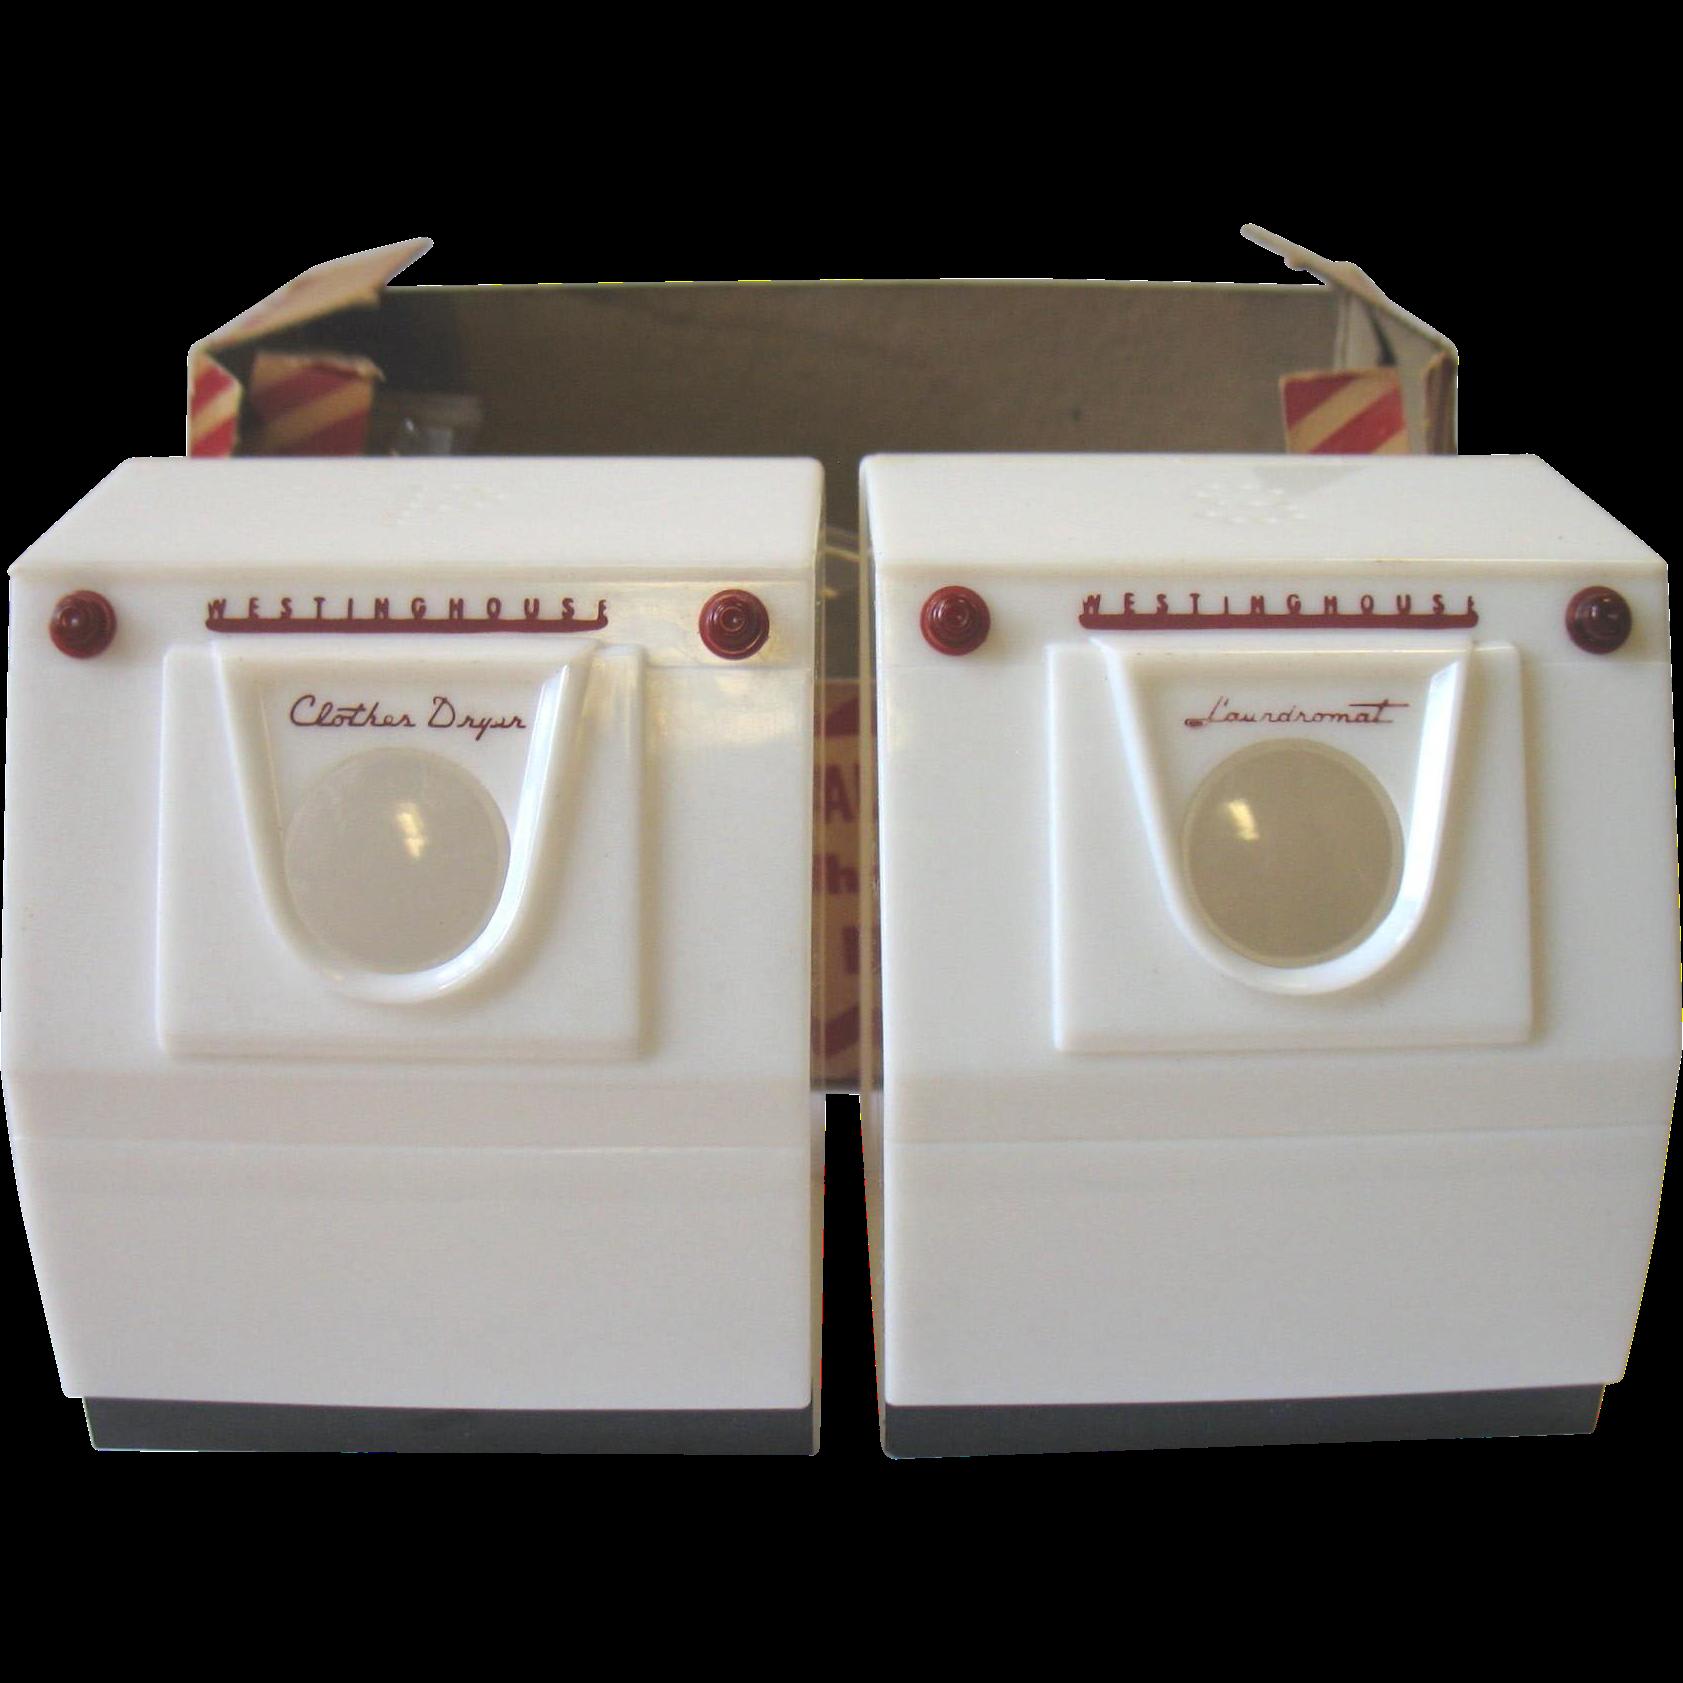 westinghouse washer machine